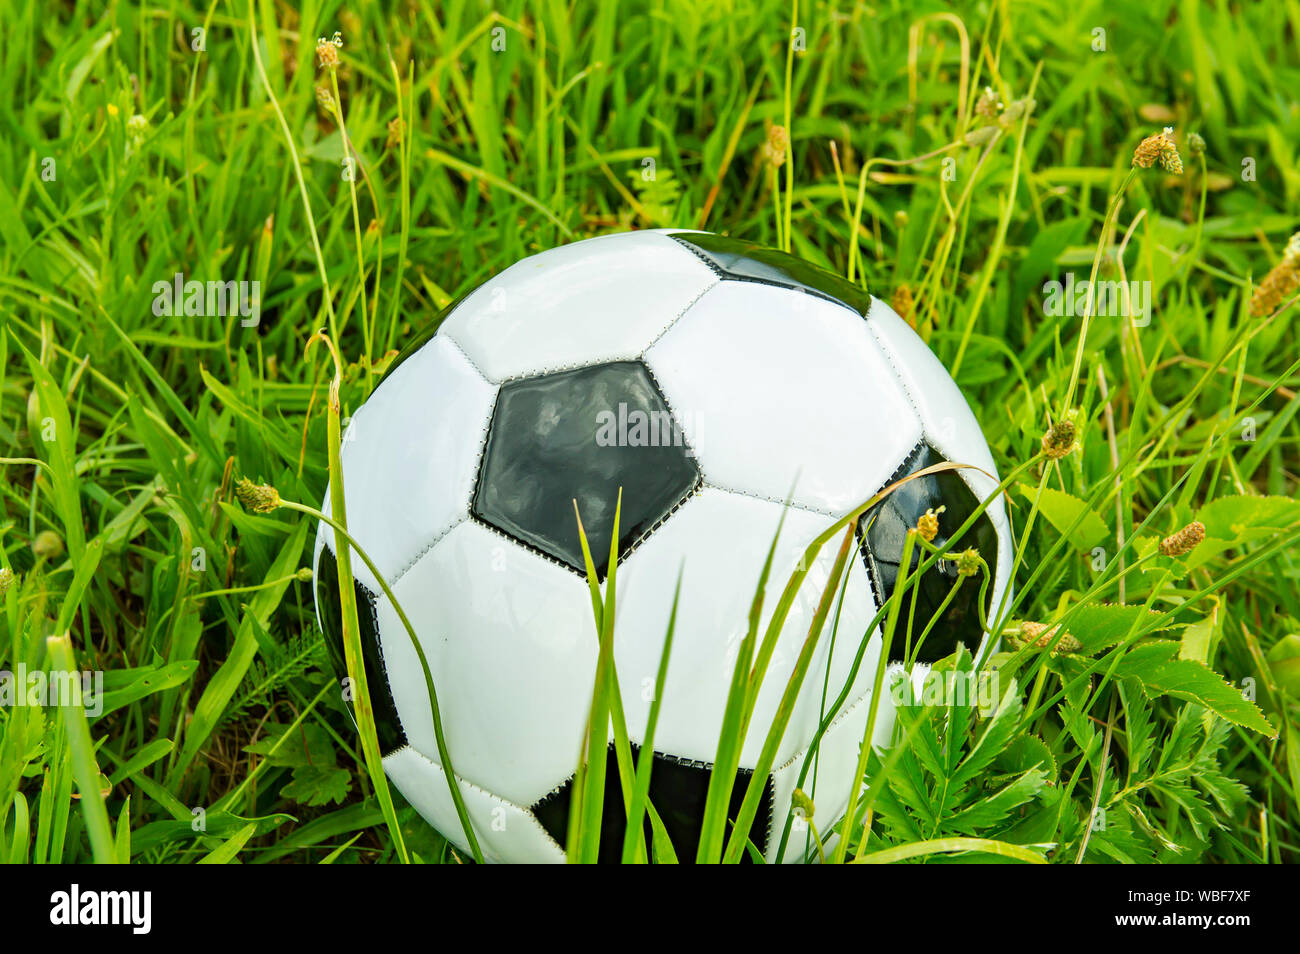 Fussball Auf Grunem Gras Platz Fur Text Hintergrundbild